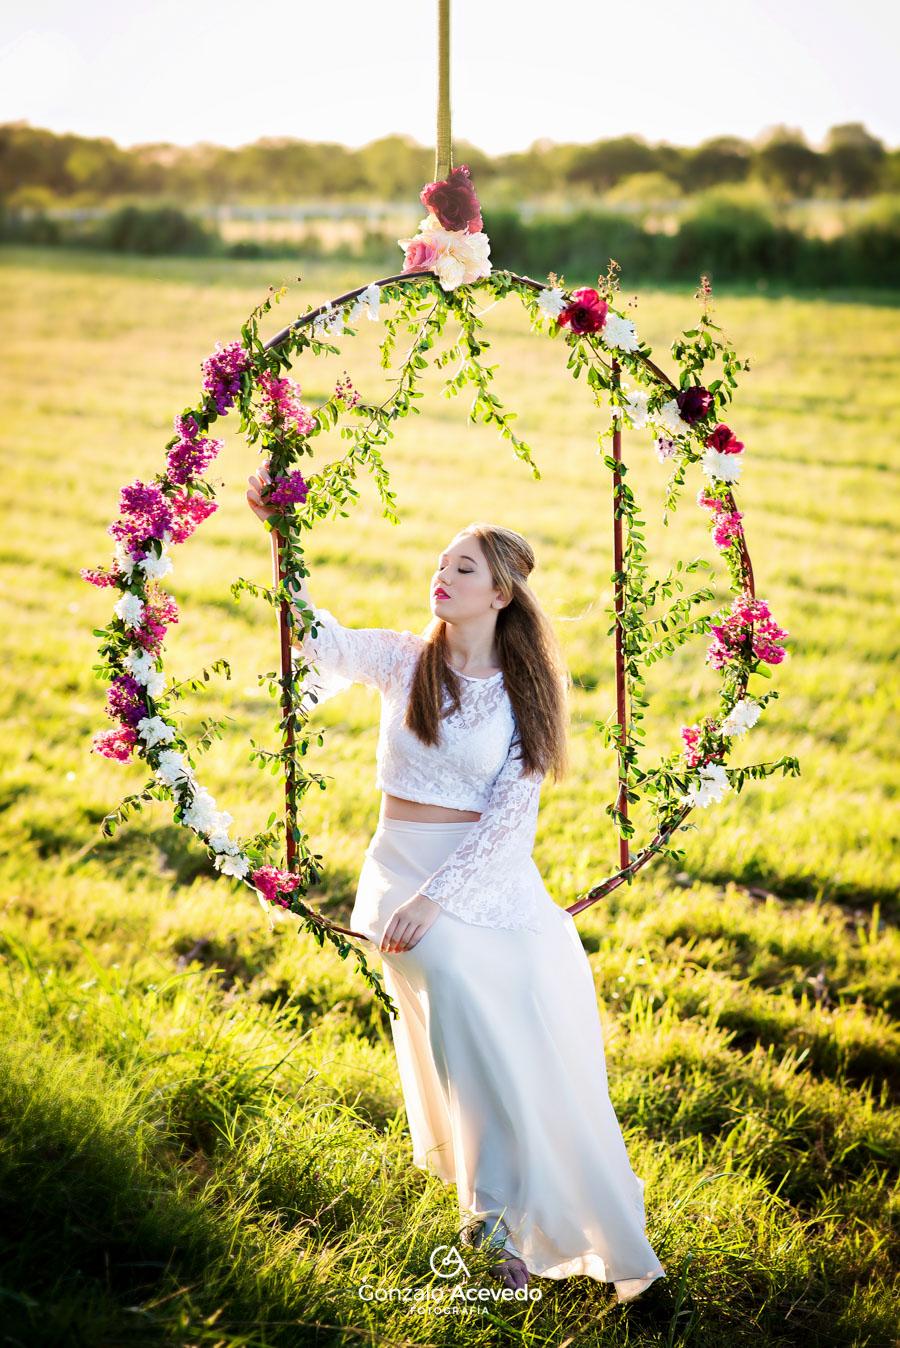 Vale book 15 look outfit romántico aro flores campo ideas únicas originales geniales #gonzaloacevedofotografia gonzalo acevedo gri becker